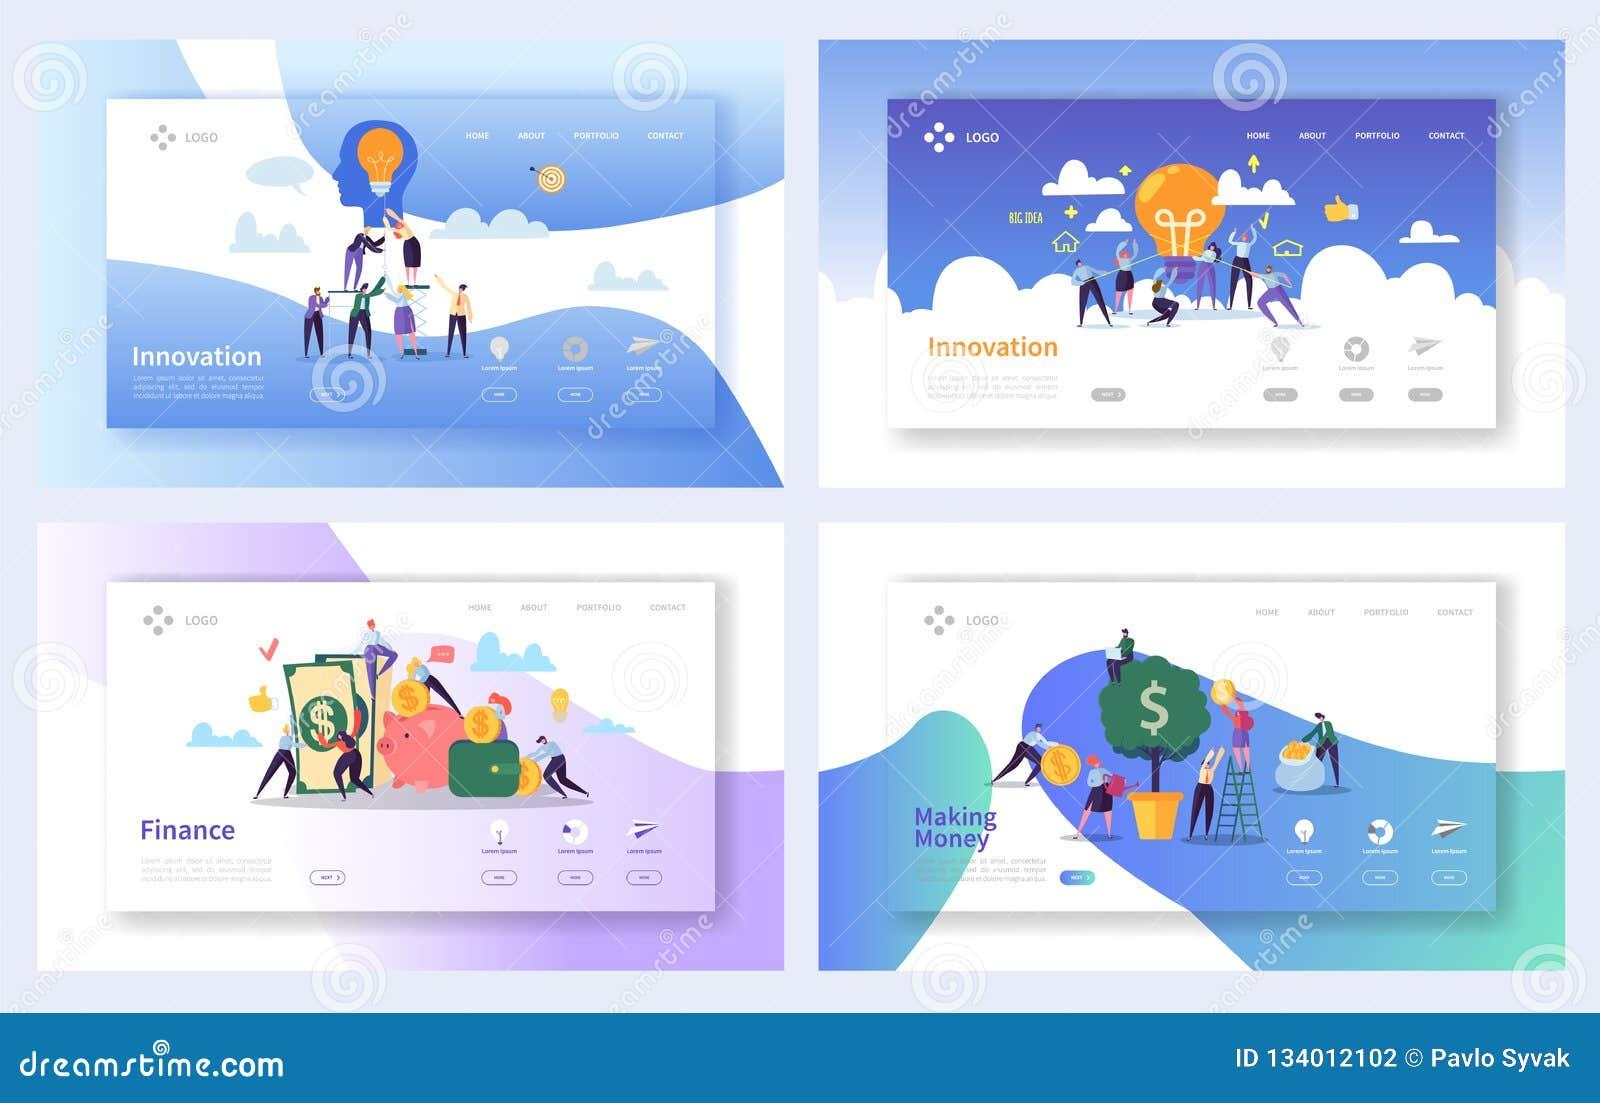 Ideas financieras de la innovación del negocio que aterrizan el sistema de la página Concepto creativo del crecimiento de dinero